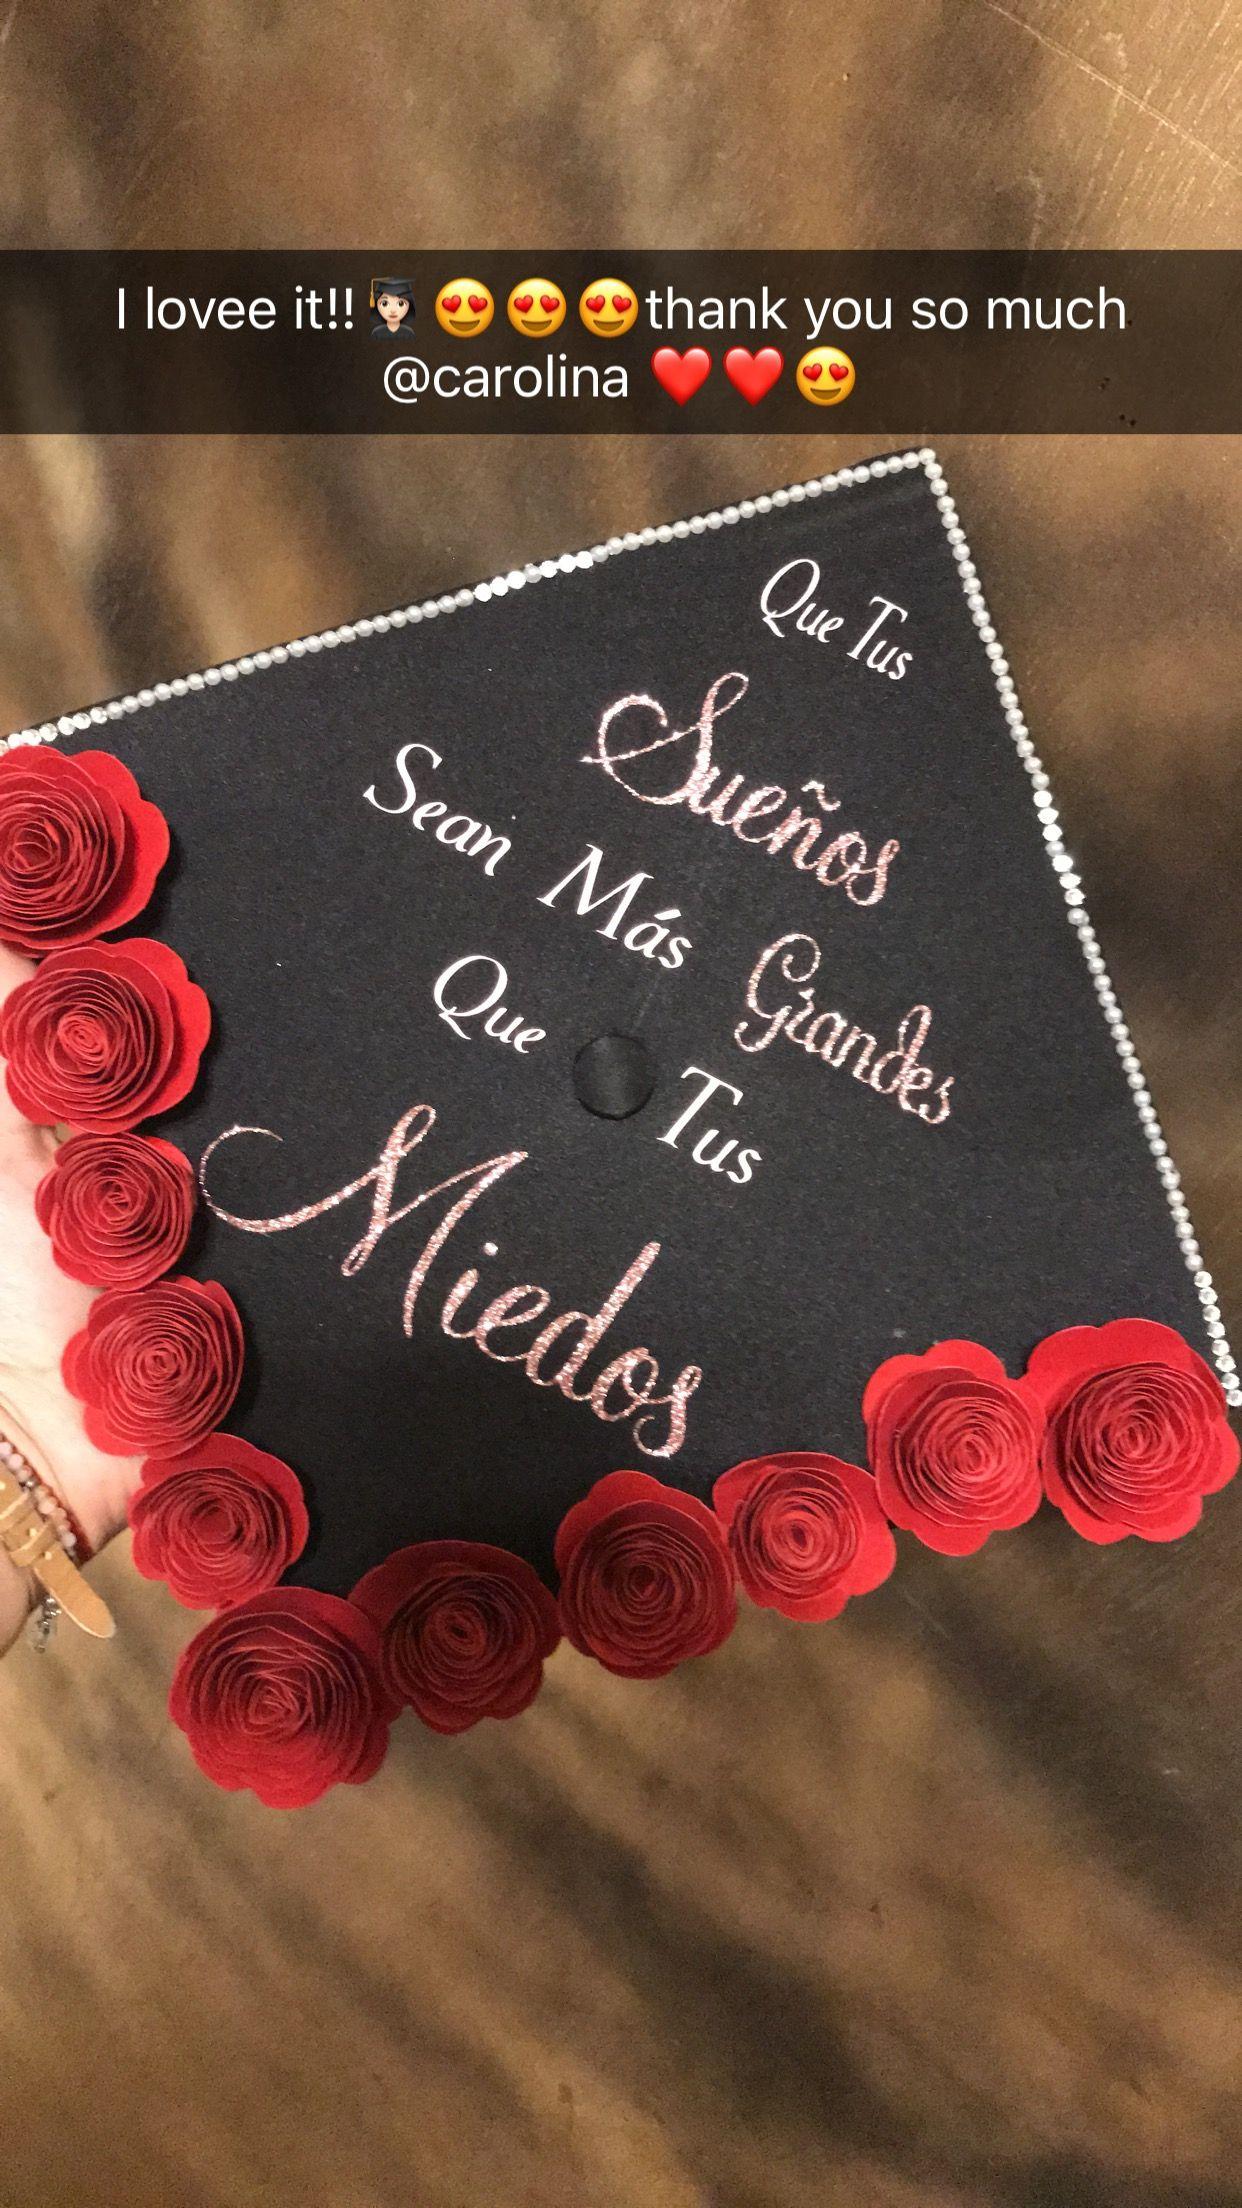 Graduation Cap Quetussuenosseanmasgrandesquetusmiedos Graduation Graduati College Graduation Cap Decoration Graduation Cap Decoration Teacher Graduation Cap